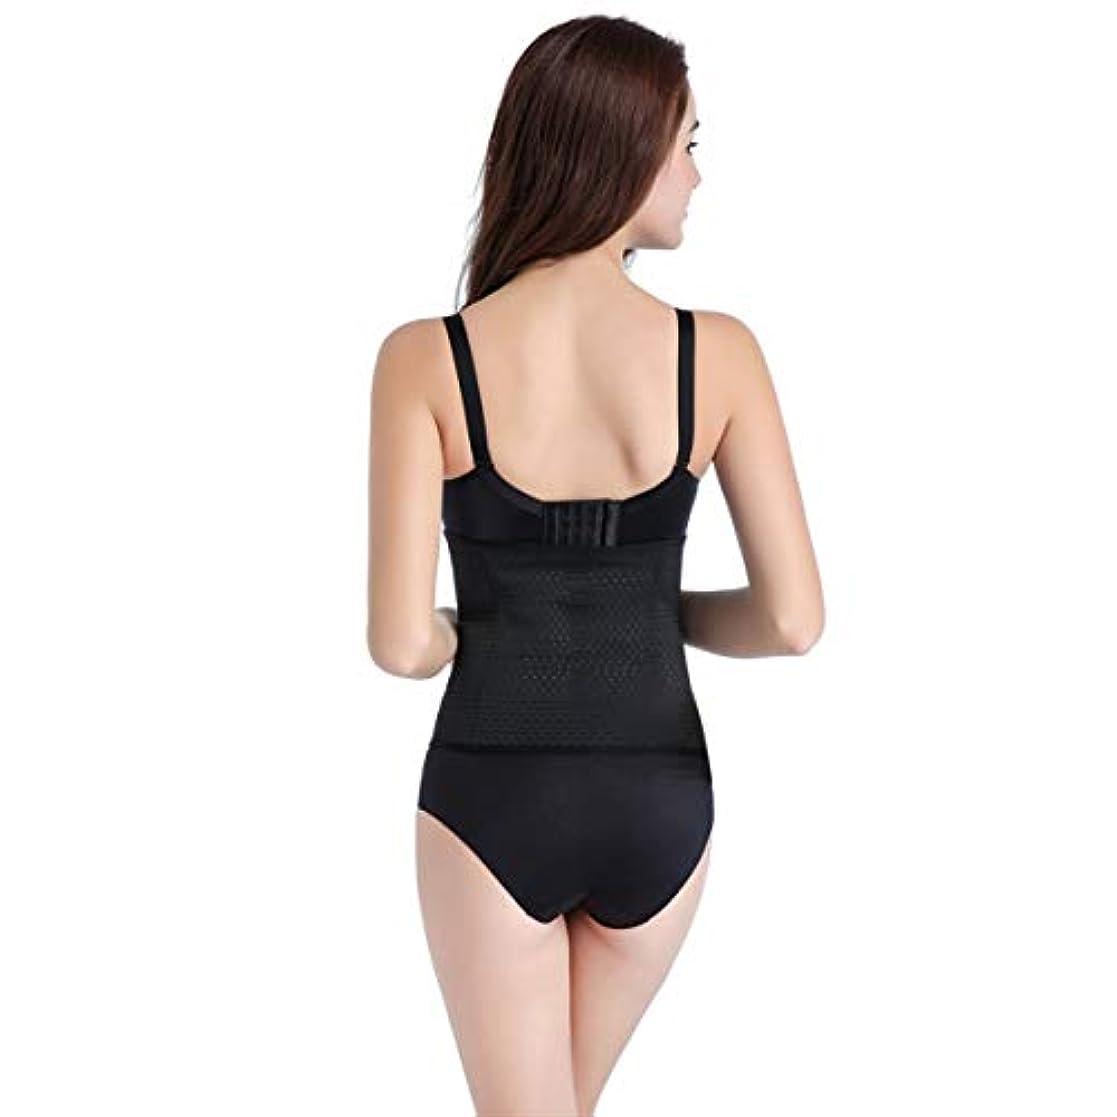 ダブル日付ご近所Body Beauty Trainer Hollow Out Postpartum Abdomen Slimming Belly Body Shaper Breathable Sweet Sweat Corset Waist...